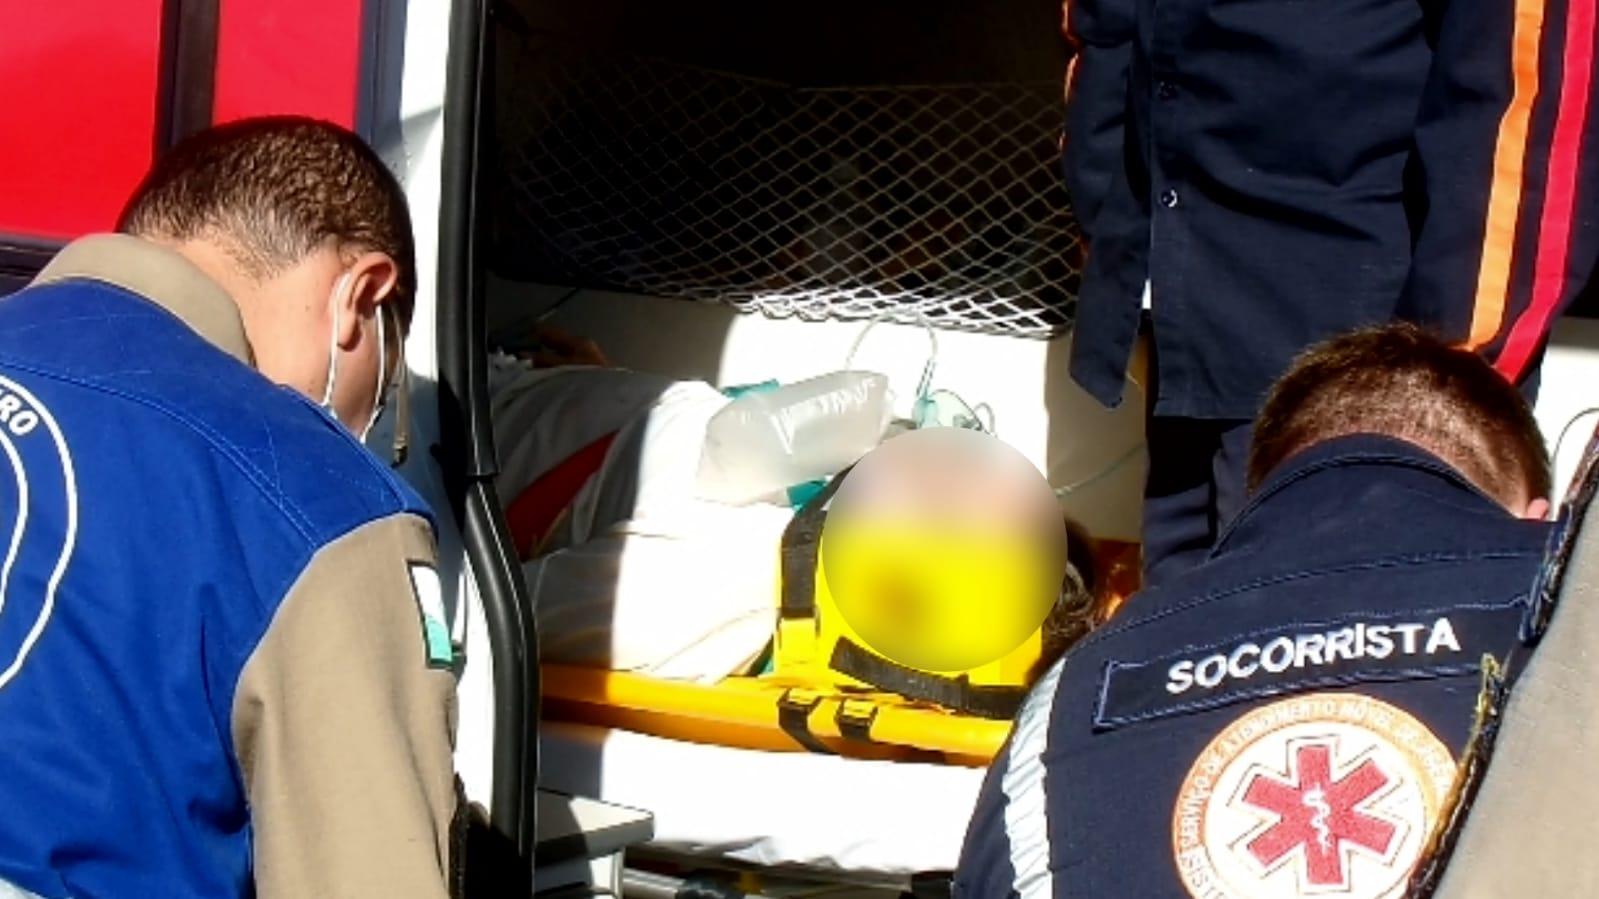 URGENTE: Idosa é atropelada por carro e fica inconsciente na 31 de Março